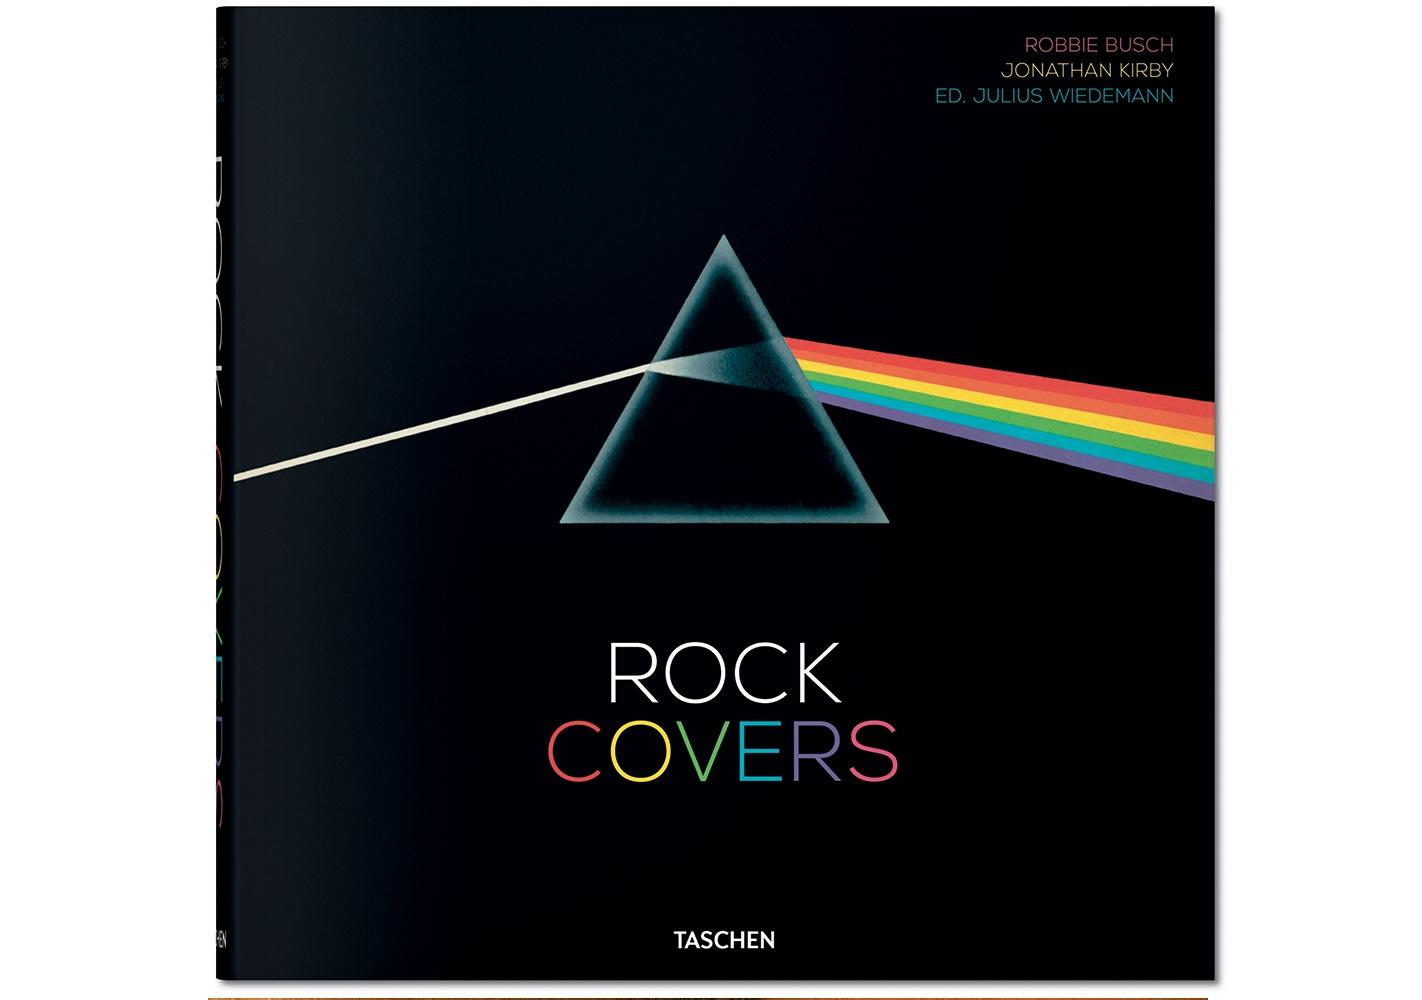 Livre Rock Covers - TASCHEN